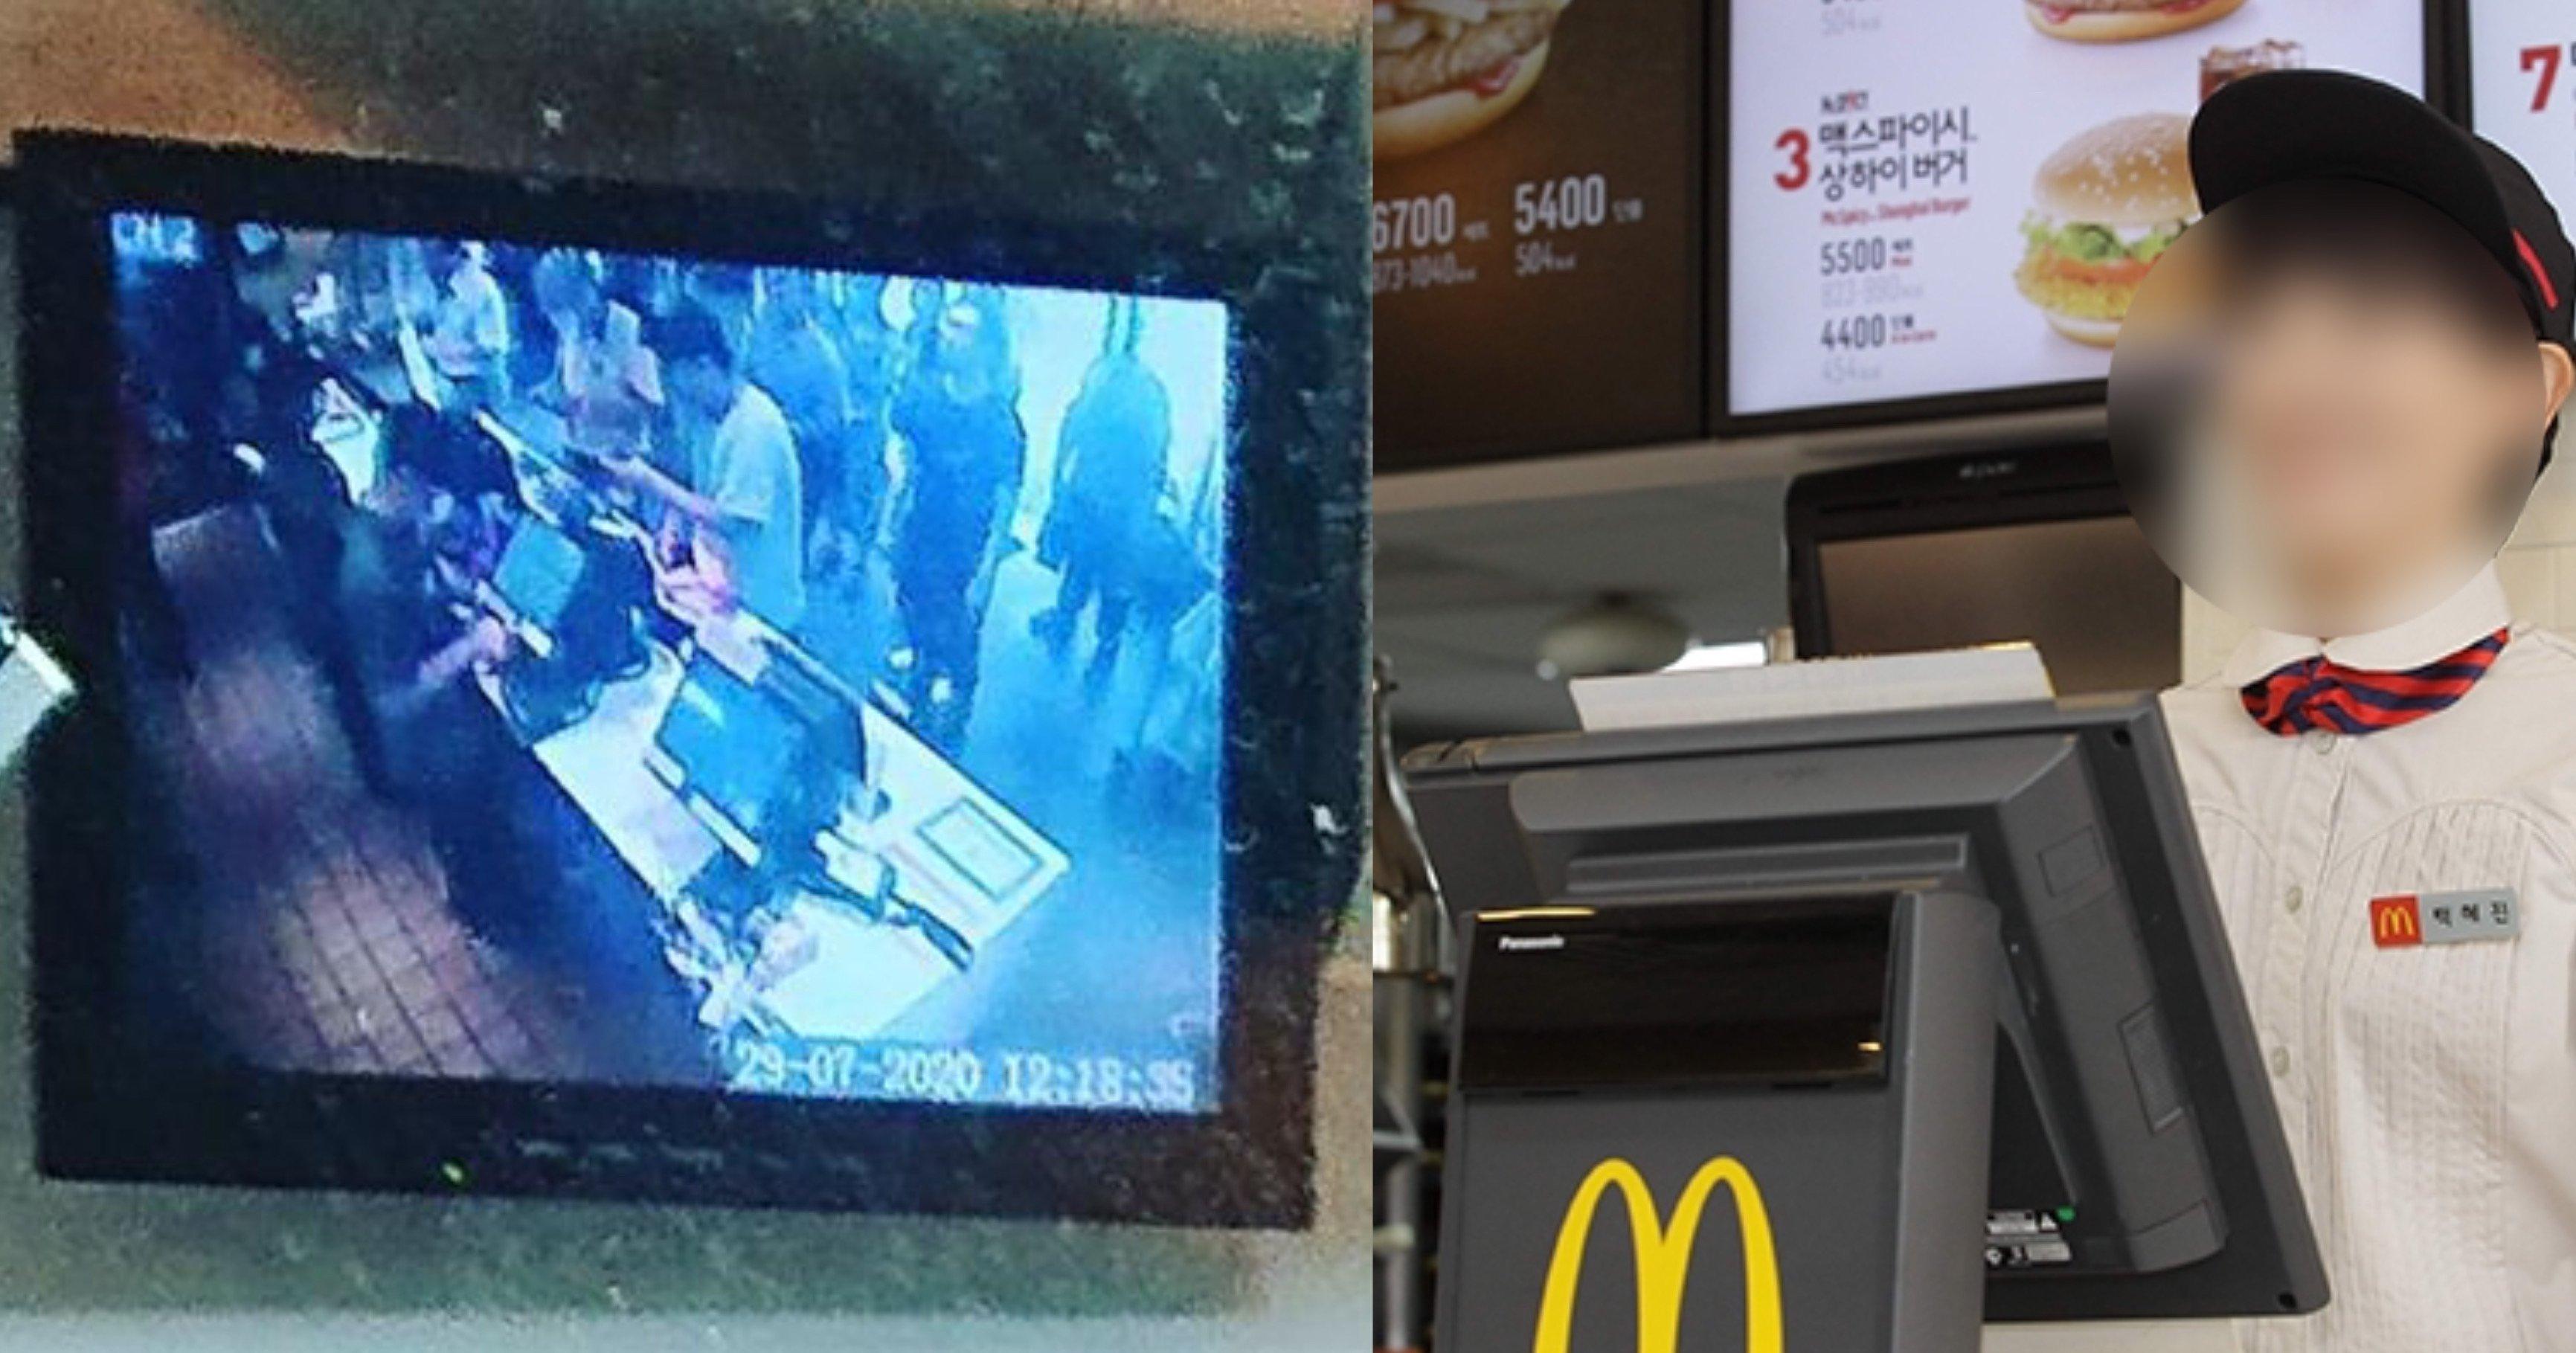 """eba7a5eb8f84eb82a0eb939c ec8db8eb84ac.jpg?resize=412,232 - """"내가 지금 뭘 보고 있는 거지?...""""...매장에 손님 많은 것처럼 실시간 CCTV 조작한 맥도날드 알바생"""